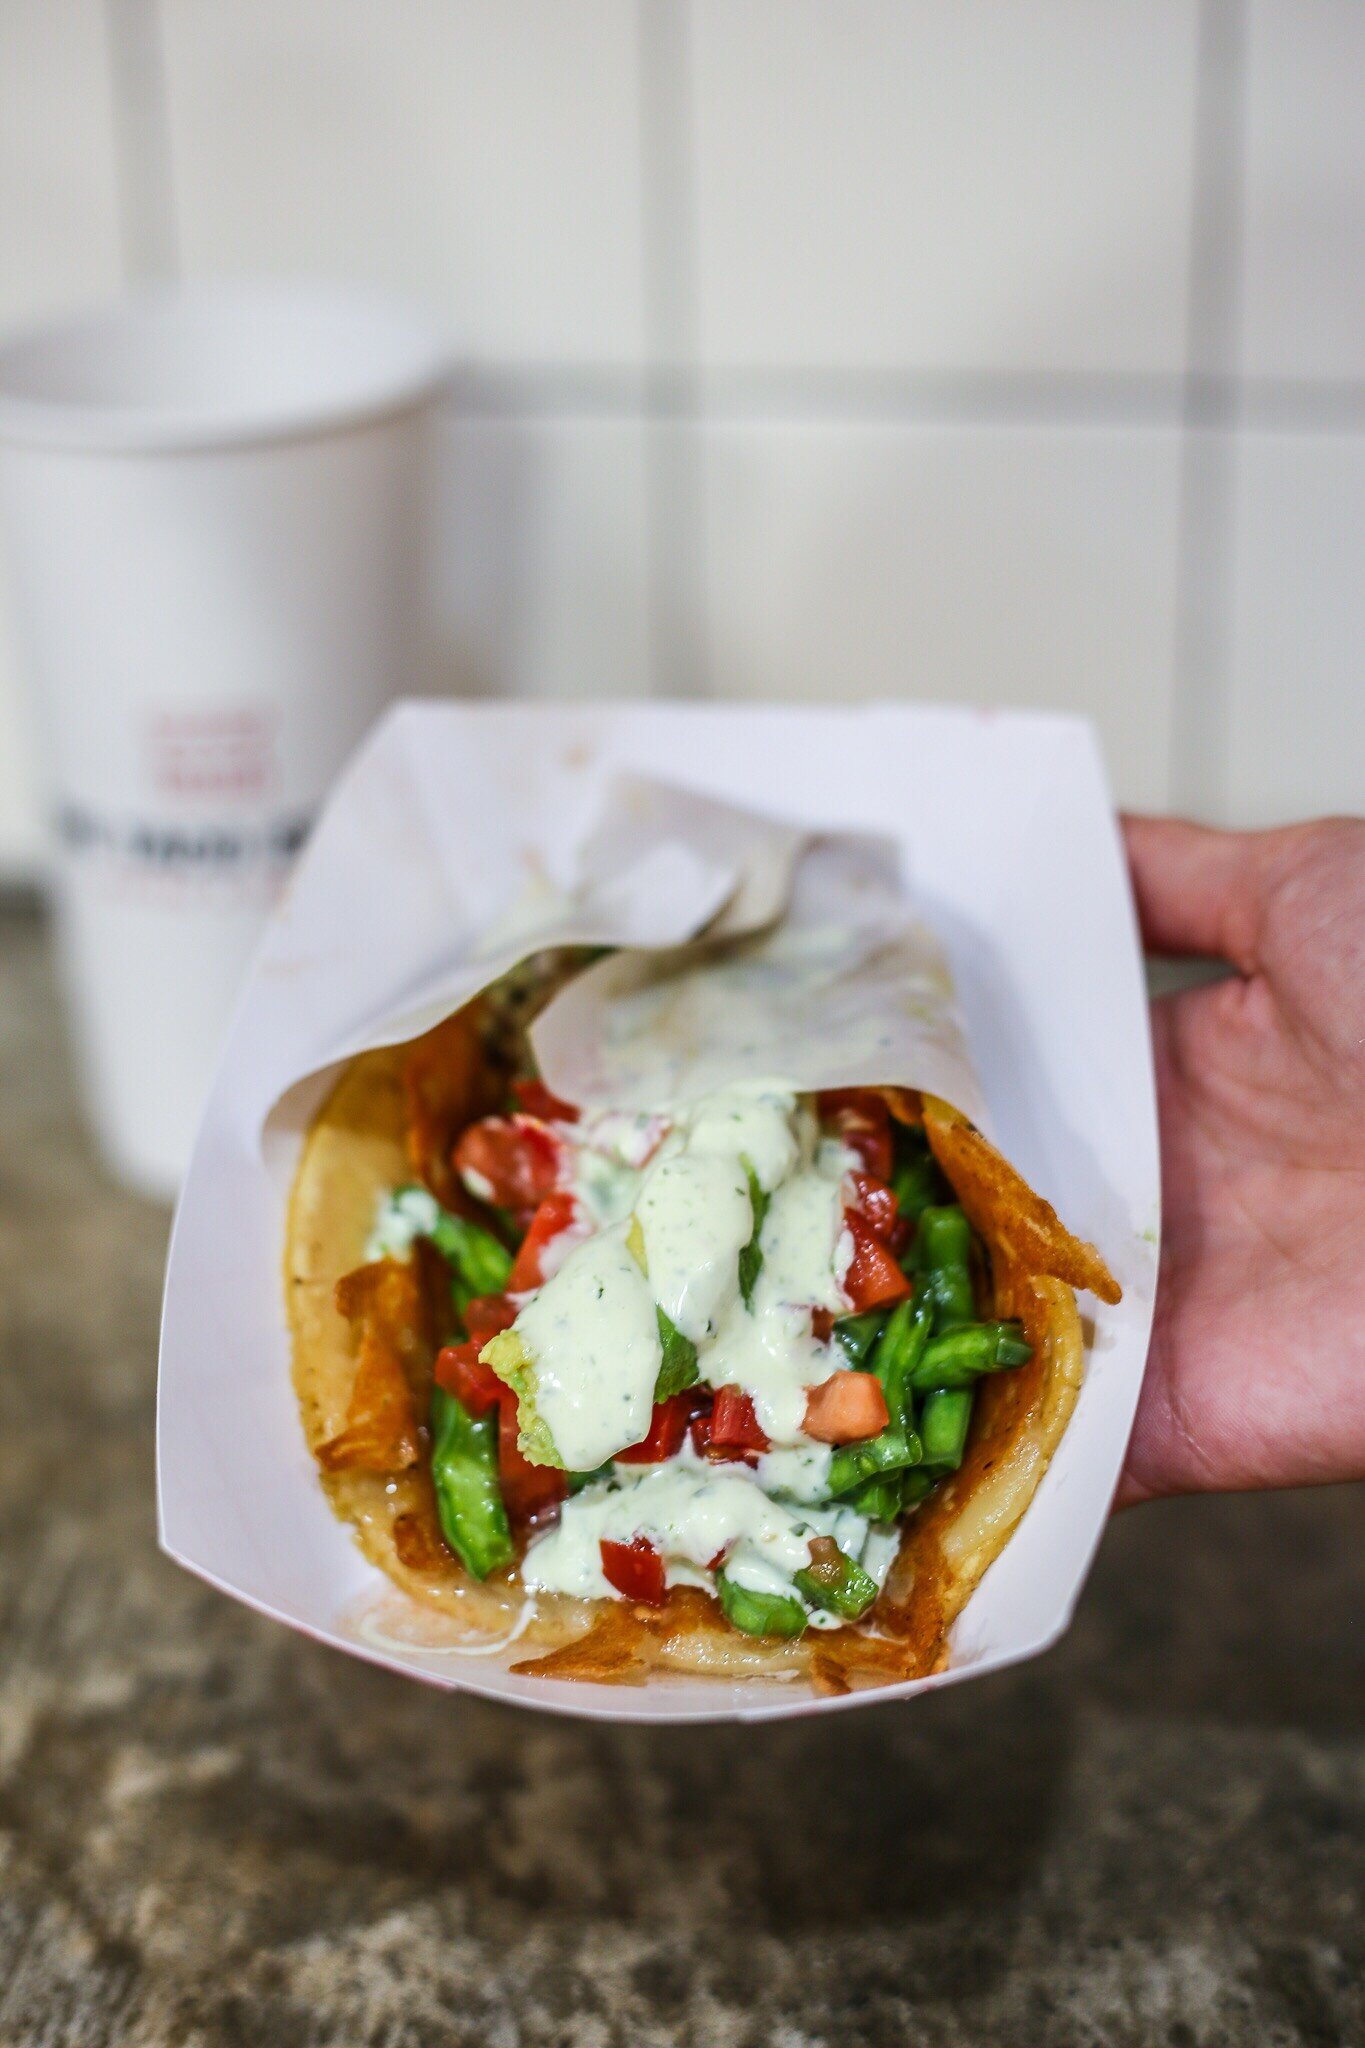 The Taco Stand Wynwood Veggie Taco